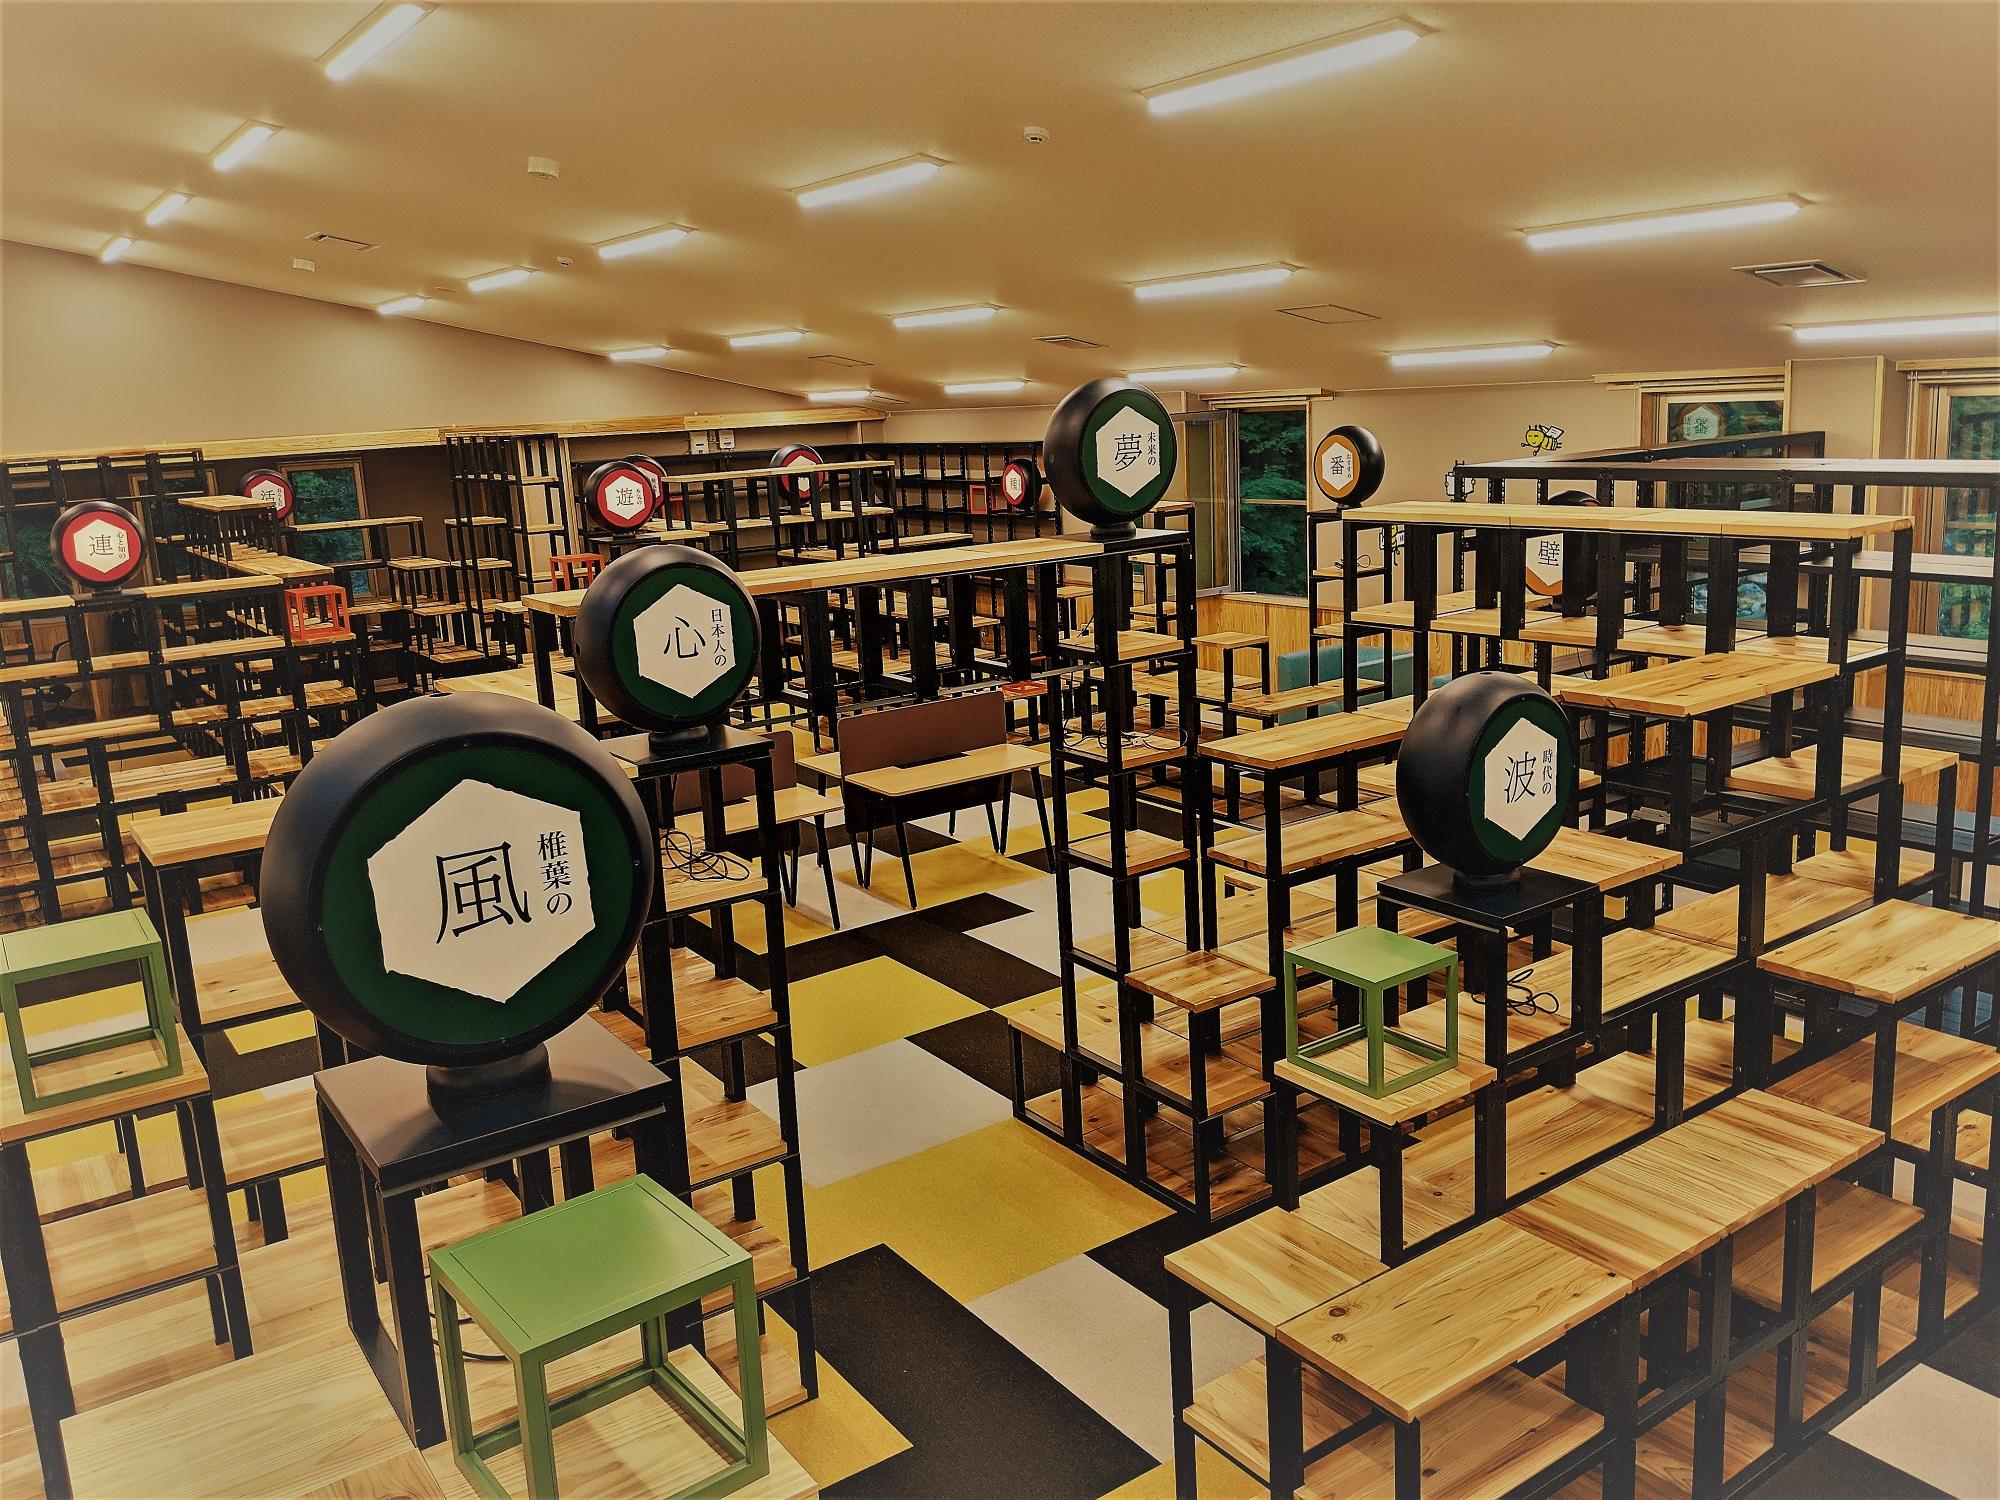 図書館の全景